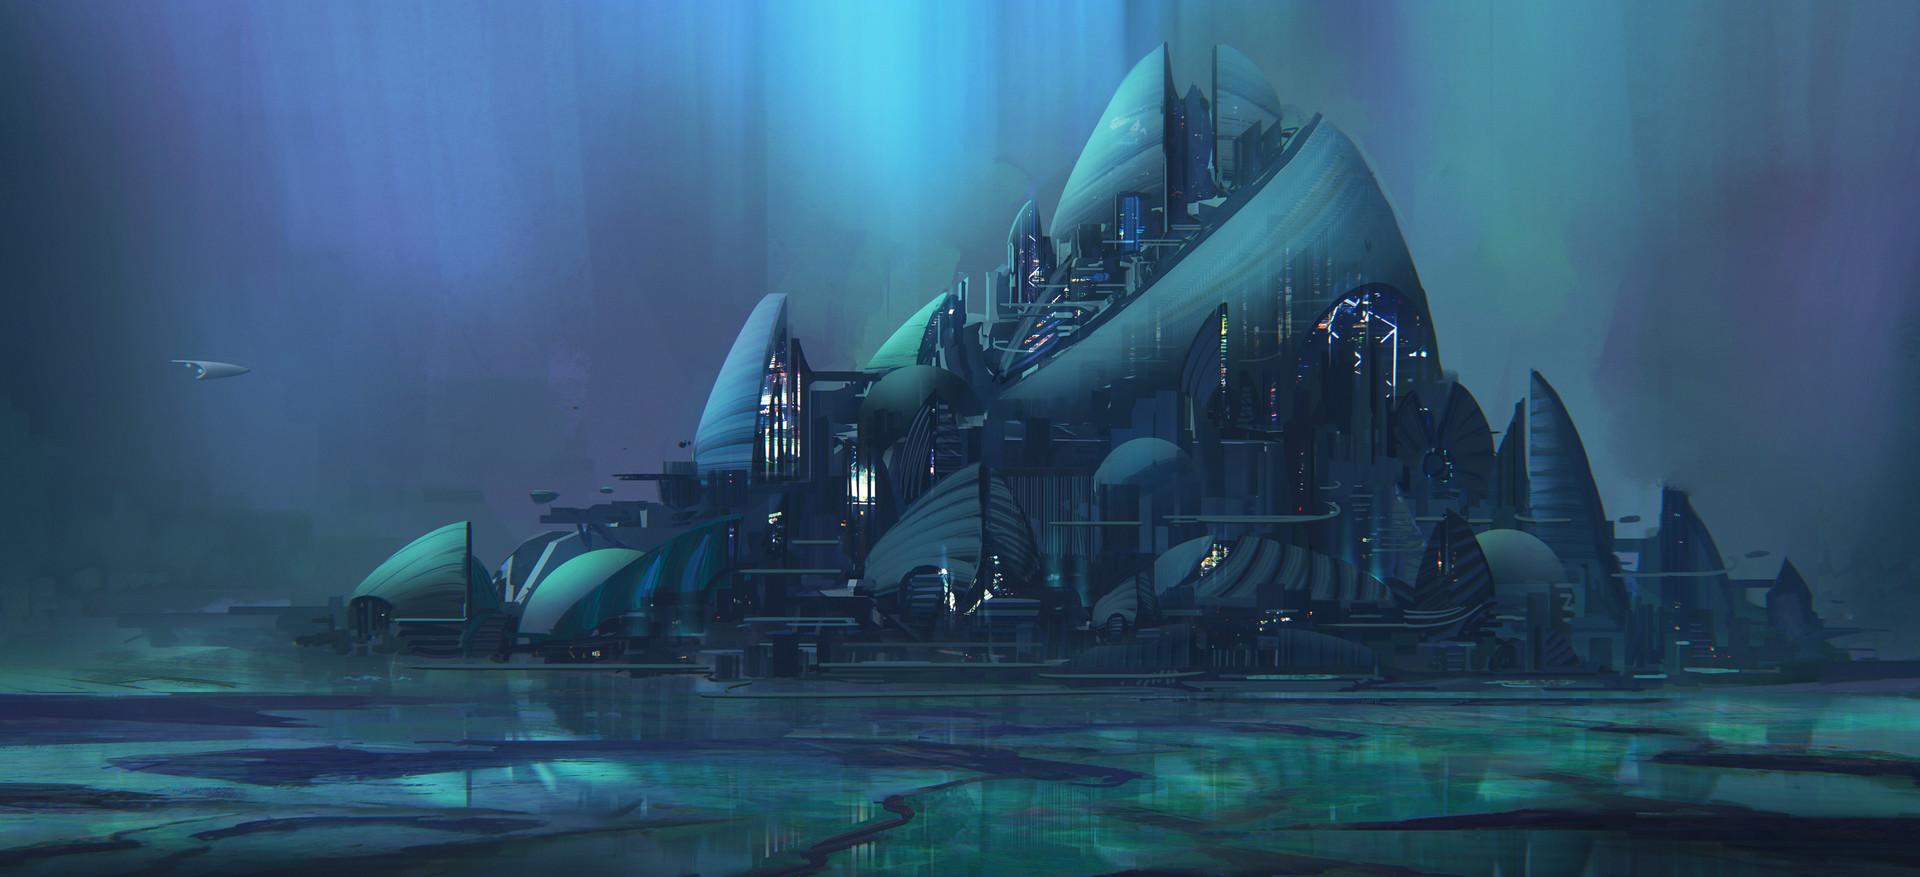 Leon tukker lagoon cityart